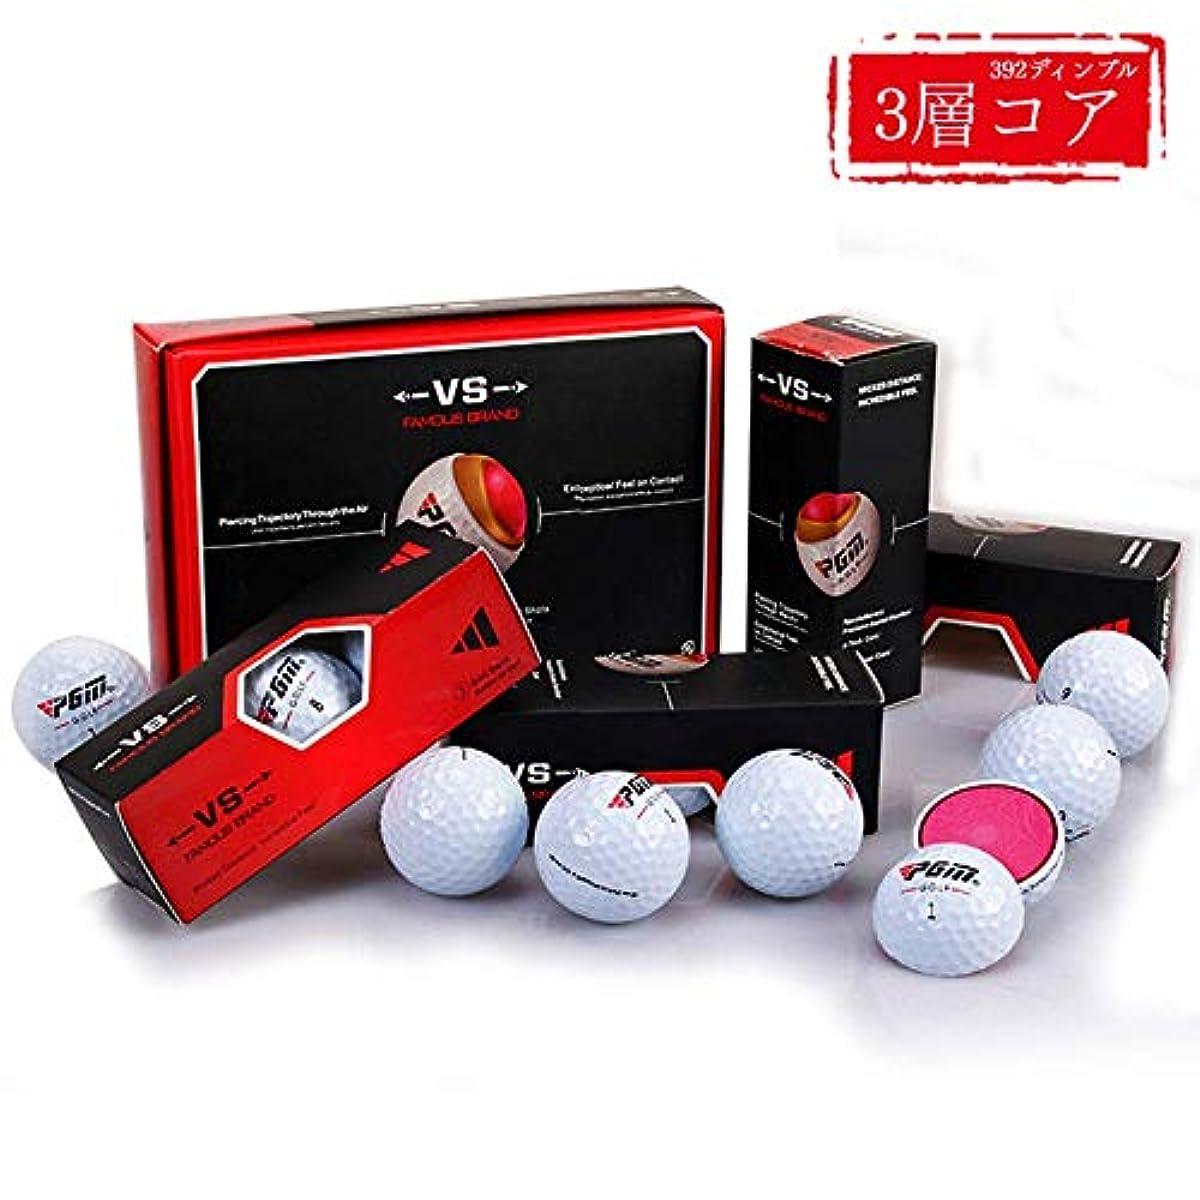 [해외] KAIFJ 골프 볼1다스(12개입) 강탄도를 가능하게 하는 392dimple